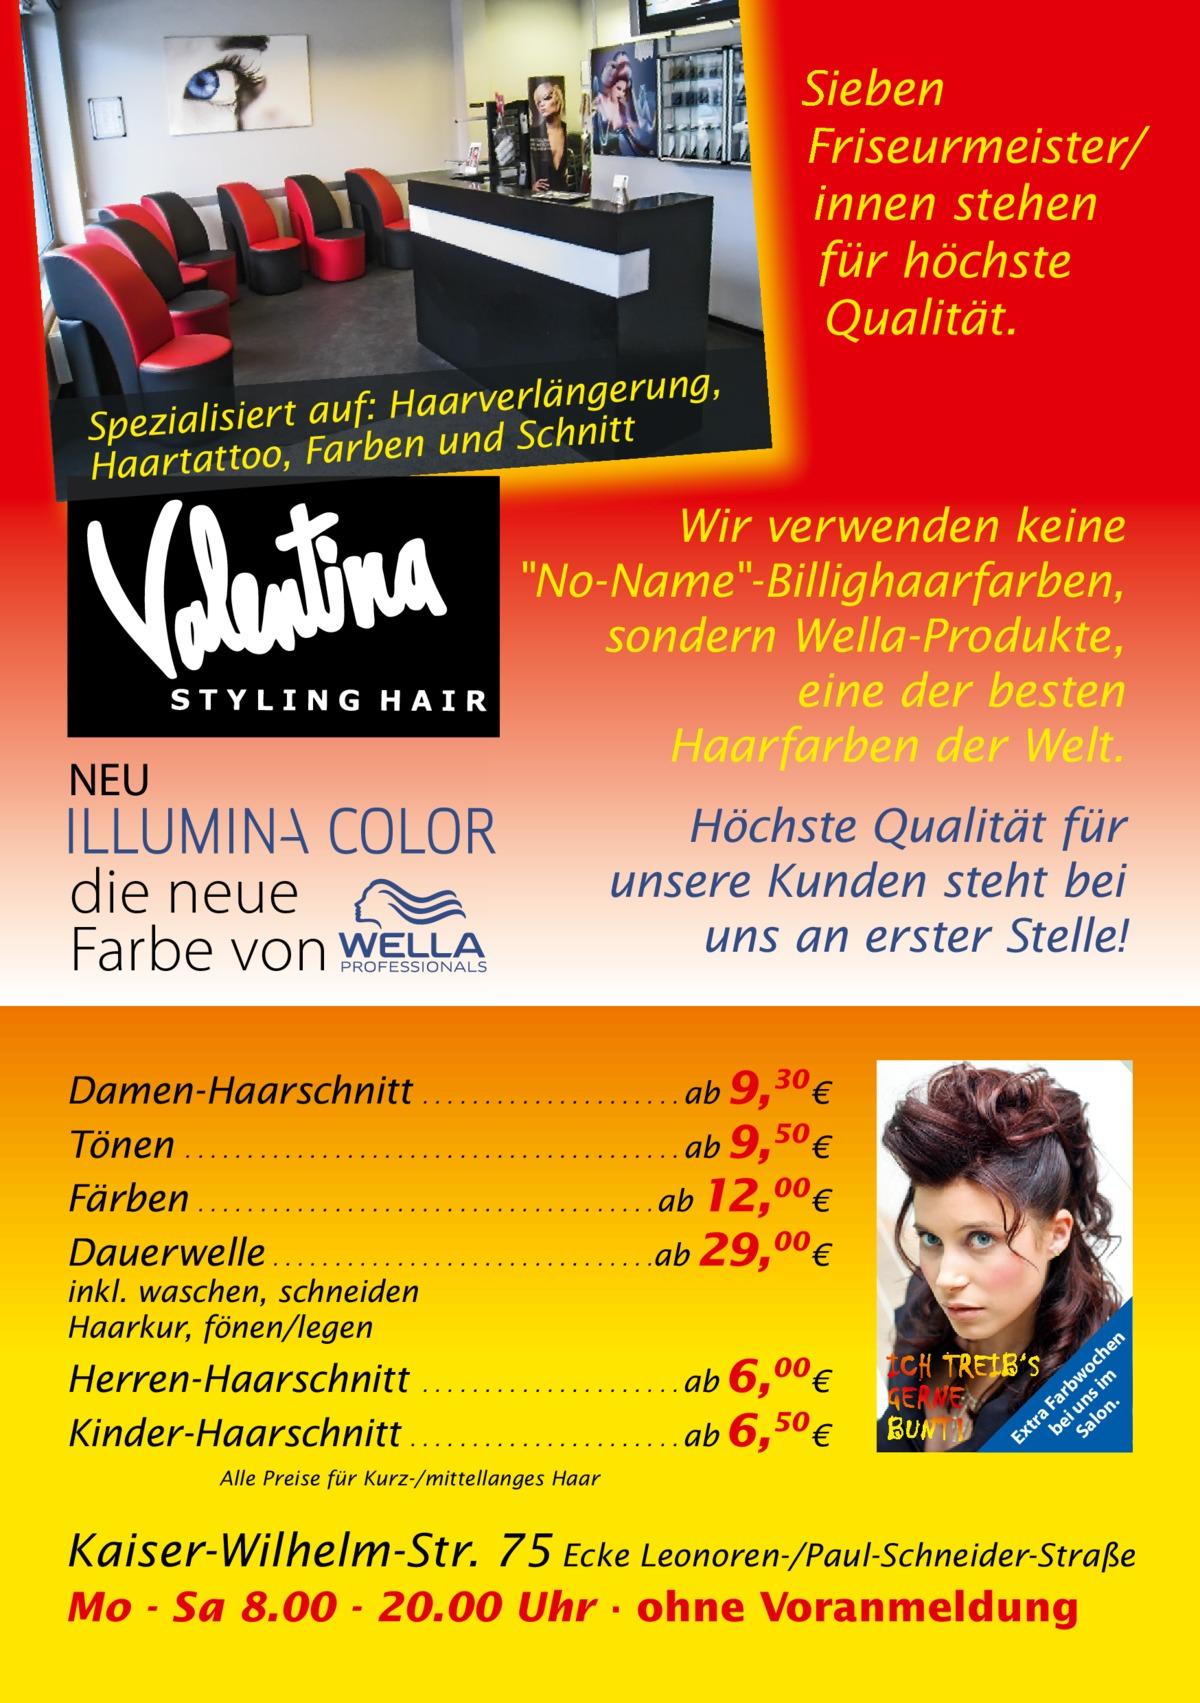 Sieben Friseurmeister/ innen stehen für höchste Qualität. ng, Haarverlängeru f: u a rt ie lis ia Spez en und Schnitt Haartattoo, Farb  Wir verwenden keine No-Name-Billighaarfarben, sondern Wella-Produkte, eine der besten Haarfarben der Welt.  NEU  die neue Farbe von  Höchste Qualität für unsere Kunden steht bei uns an erster Stelle!  Herren-Haarschnitt . . . . . . . . . . . . . . . . . . . . . ab 6,00€ Kinder-Haarschnitt . . . . . . . . . . . . . . . . . . . . . . ab 6,50 €  Ex  inkl. waschen, schneiden Haarkur, fönen/legen  tr a be Fa i rb Sa un wo lo s im ch n. en  Damen-Haarschnitt . . . . . . . . . . . . . . . . . . . . . ab 9,30 € Tönen . . . . . . . . . . . . . . . . . . . . . . . . . . . . . . . . . . . . . . . . ab 9,50 € Färben . . . . . . . . . . . . . . . . . . . . . . . . . . . . . . . . . . . . . ab 12,00€ Dauerwelle . . . . . . . . . . . . . . . . . . . . . . . . . . . . . . .ab 29,00€  Alle Preise für Kurz-/mittellanges Haar  Kaiser-Wilhelm-Str. 75 Ecke Leonoren-/Paul-Schneider-Straße Mo - Sa 8.00 - 20.00 Uhr · ohne Voranmeldung